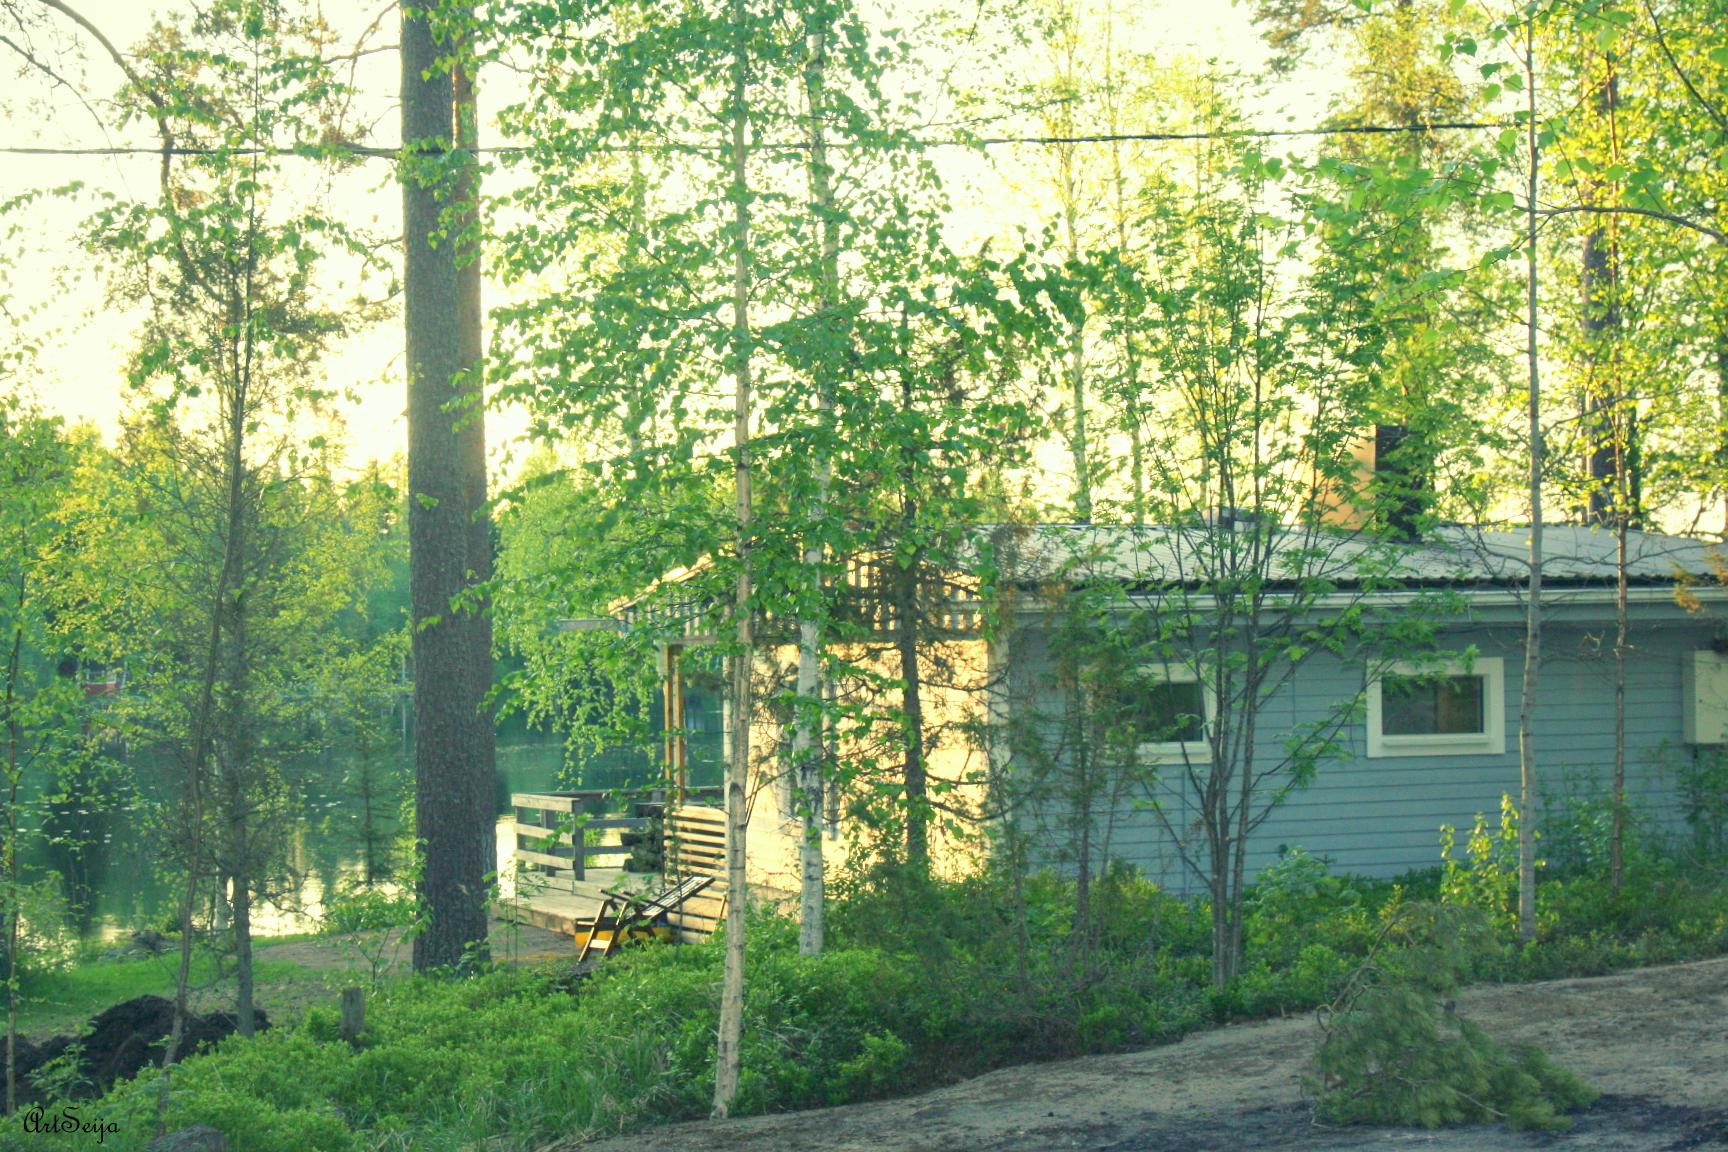 Hevonkuusi: Lahmajärvi, Urjala